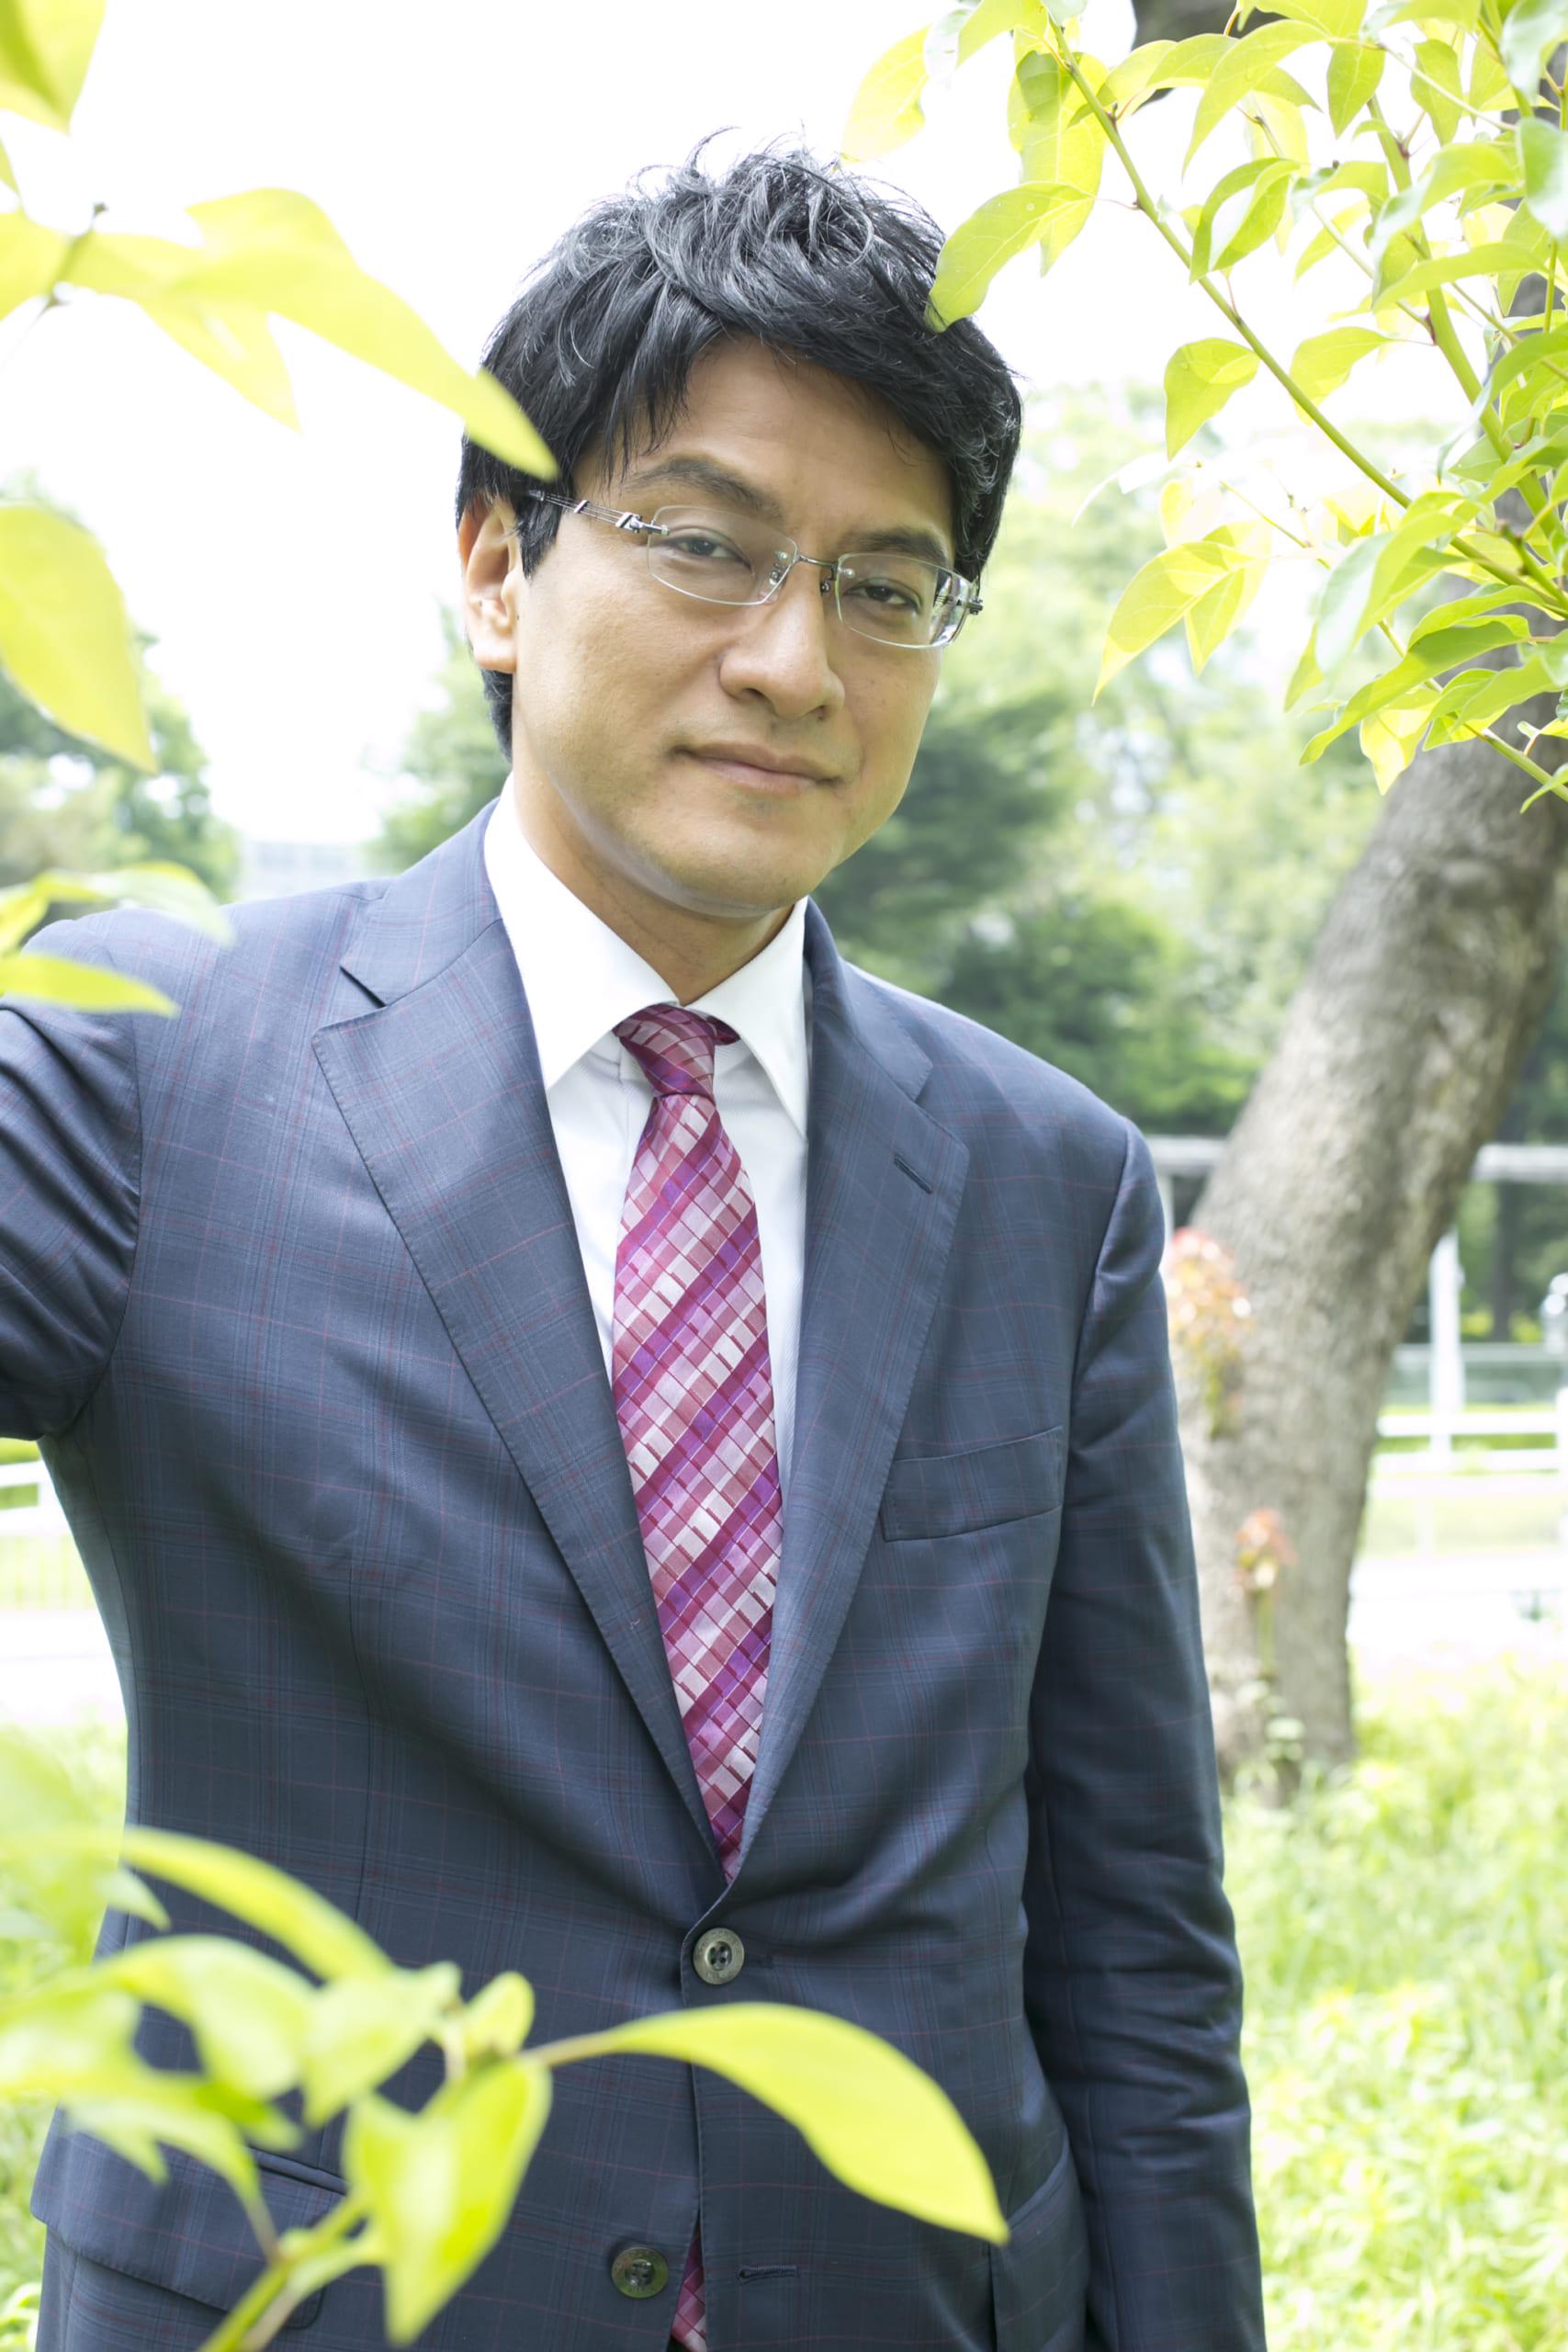 倉山満『大間違いのアメリカ合衆国』が朝雲新聞にて、紹介されました。